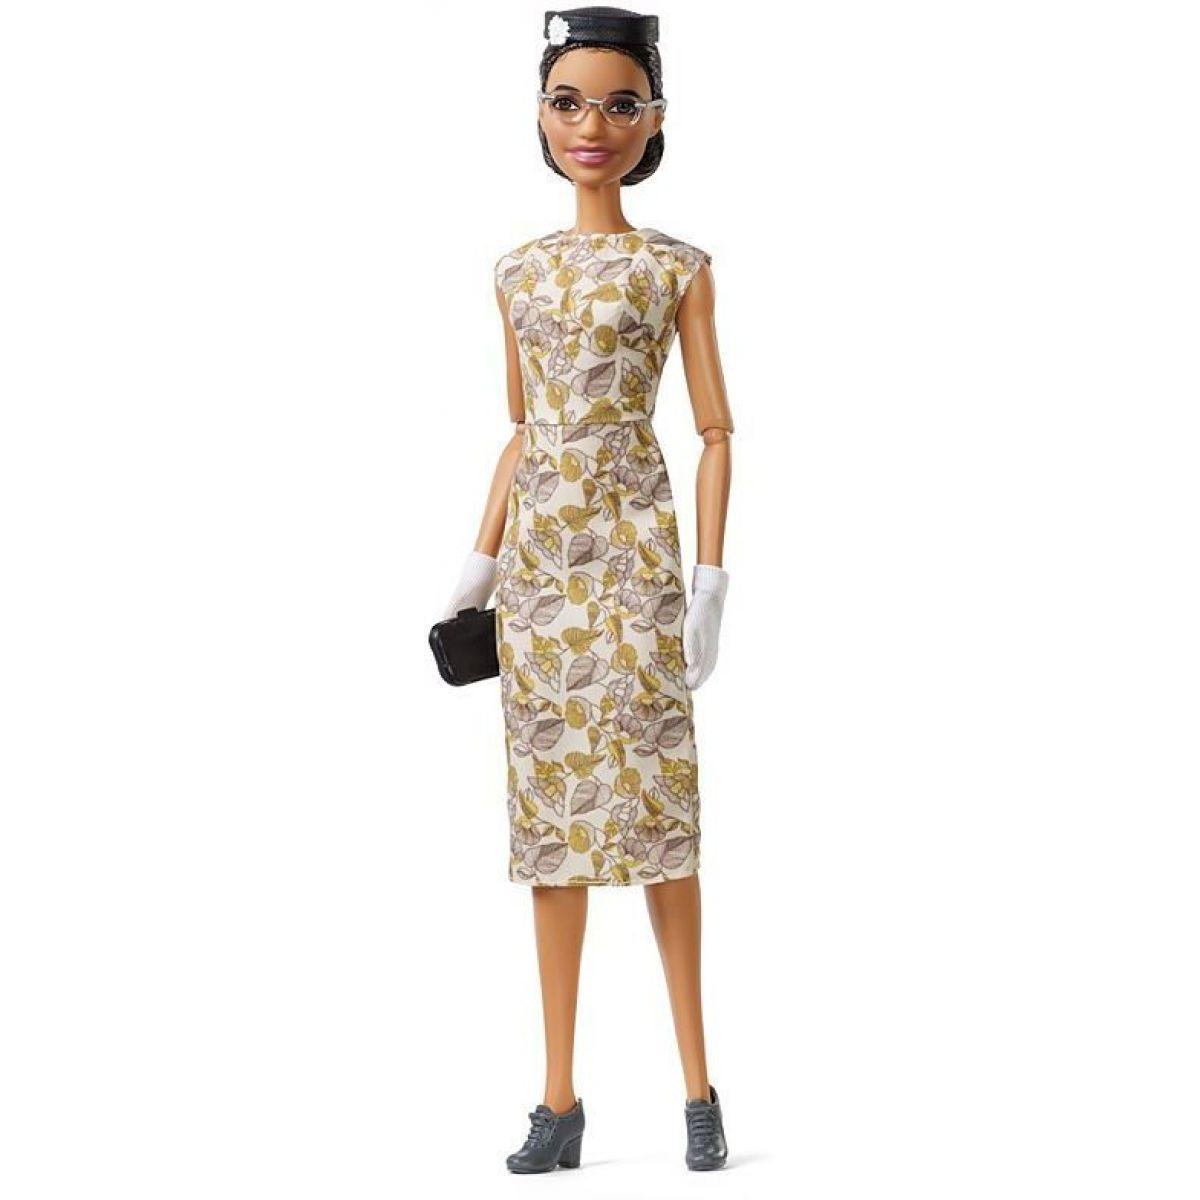 Mattel Barbie světoznámé ženy Rosa Parks